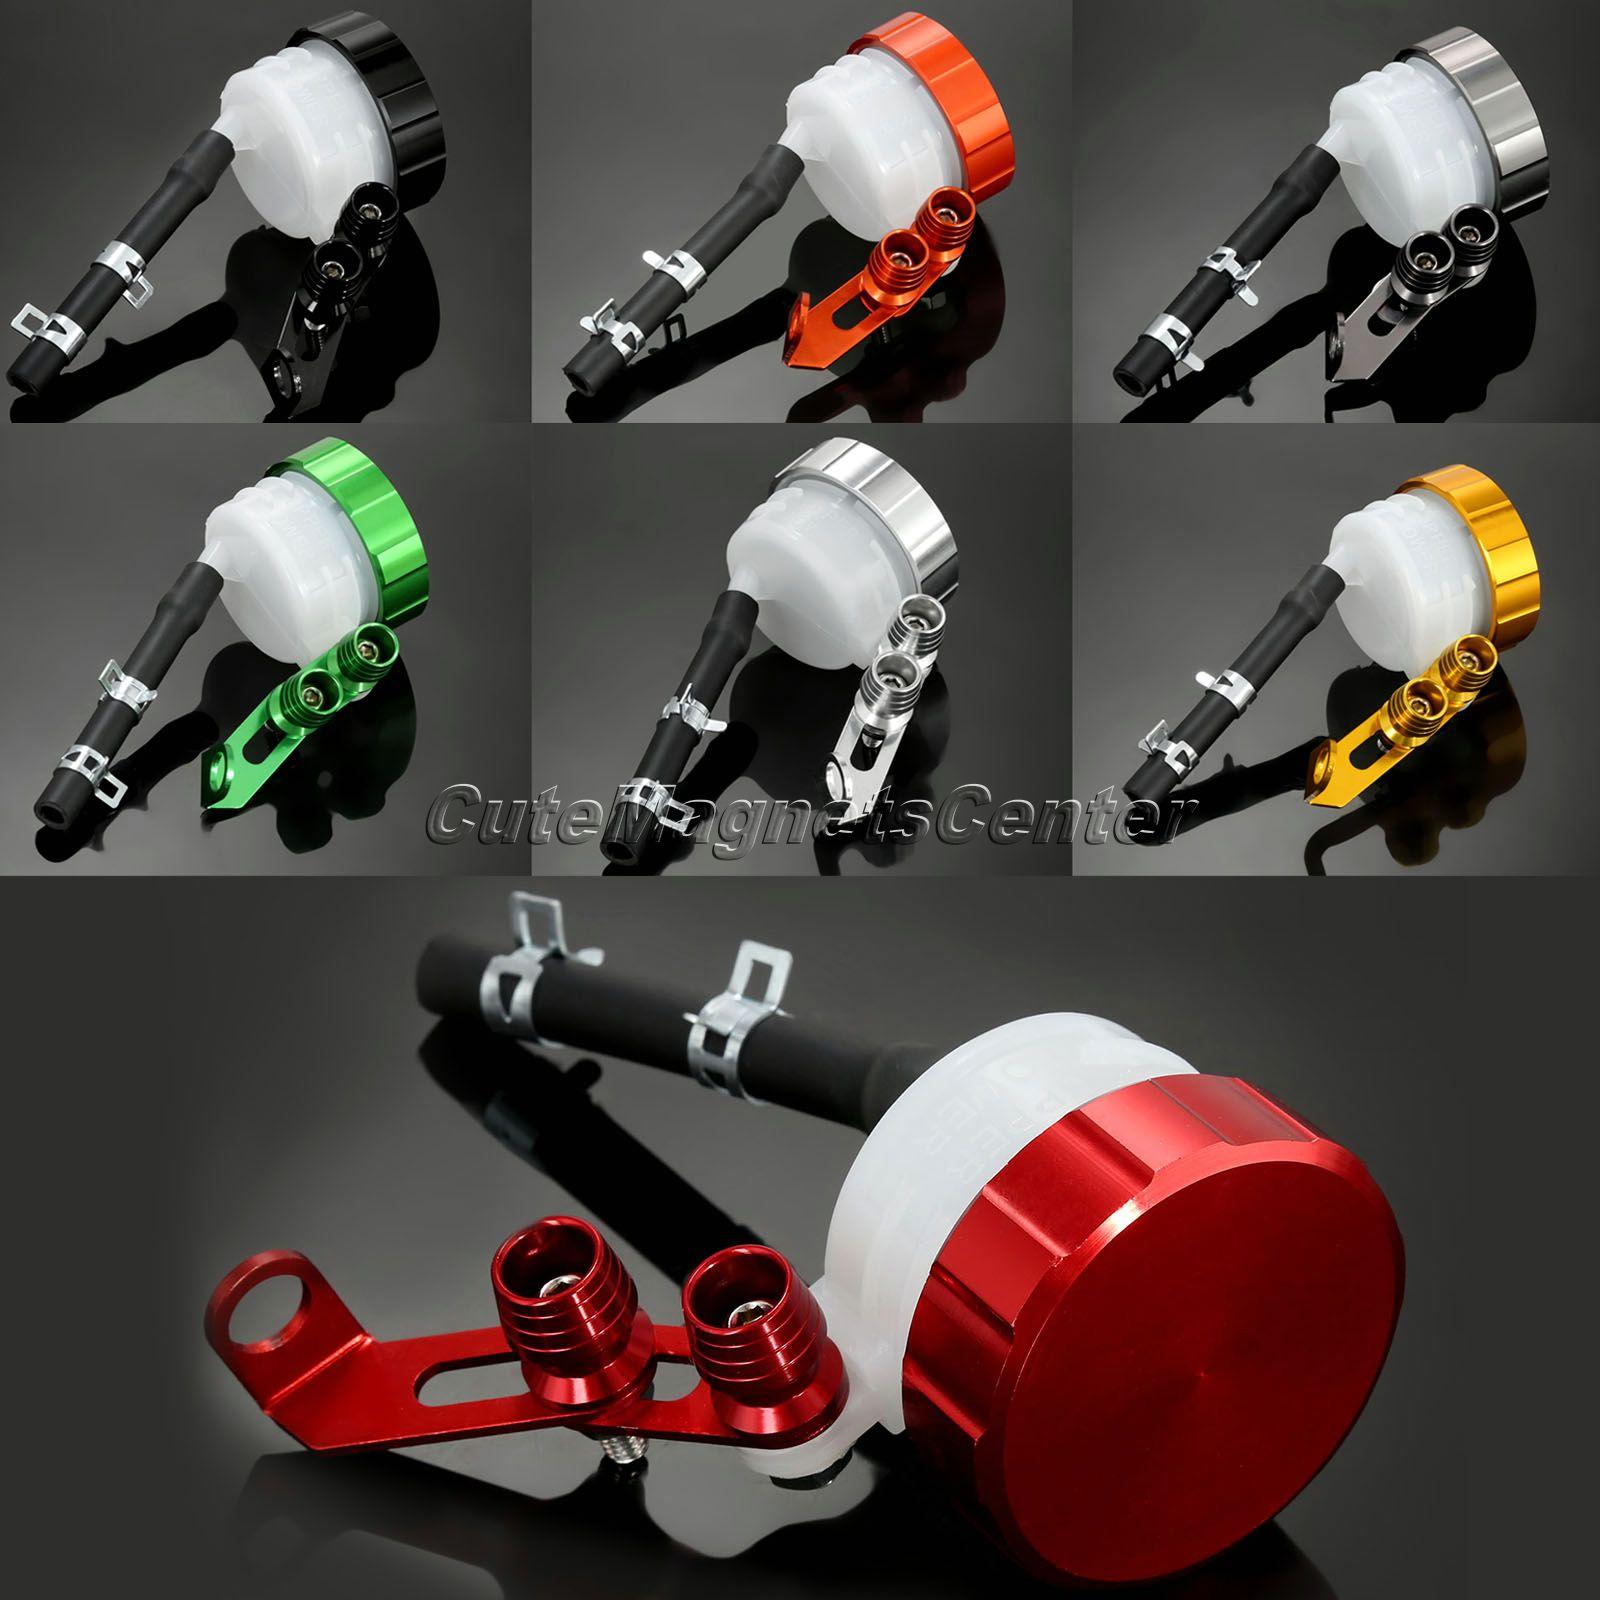 1 հատ Մոտոցիկլային պարագաներ CNC Oil Master - Պարագաներ եւ պահեստամասերի համար մոտոցիկլետների - Լուսանկար 2